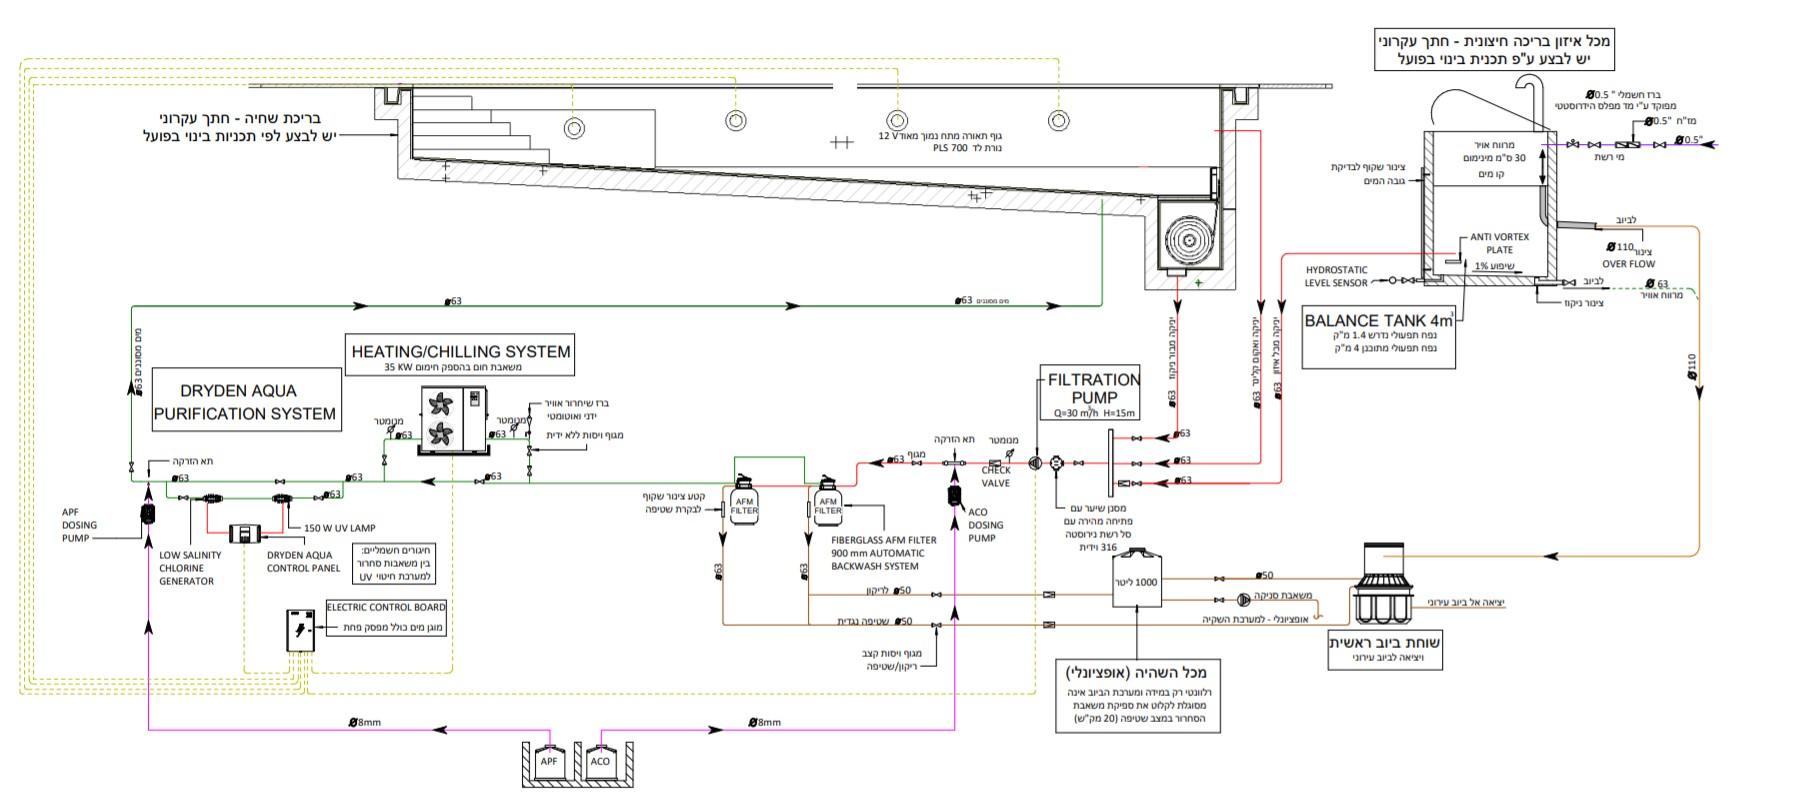 WS - תכנית מערכות אלקטרומכניות - סינון וחיטוי בריכת השחיה